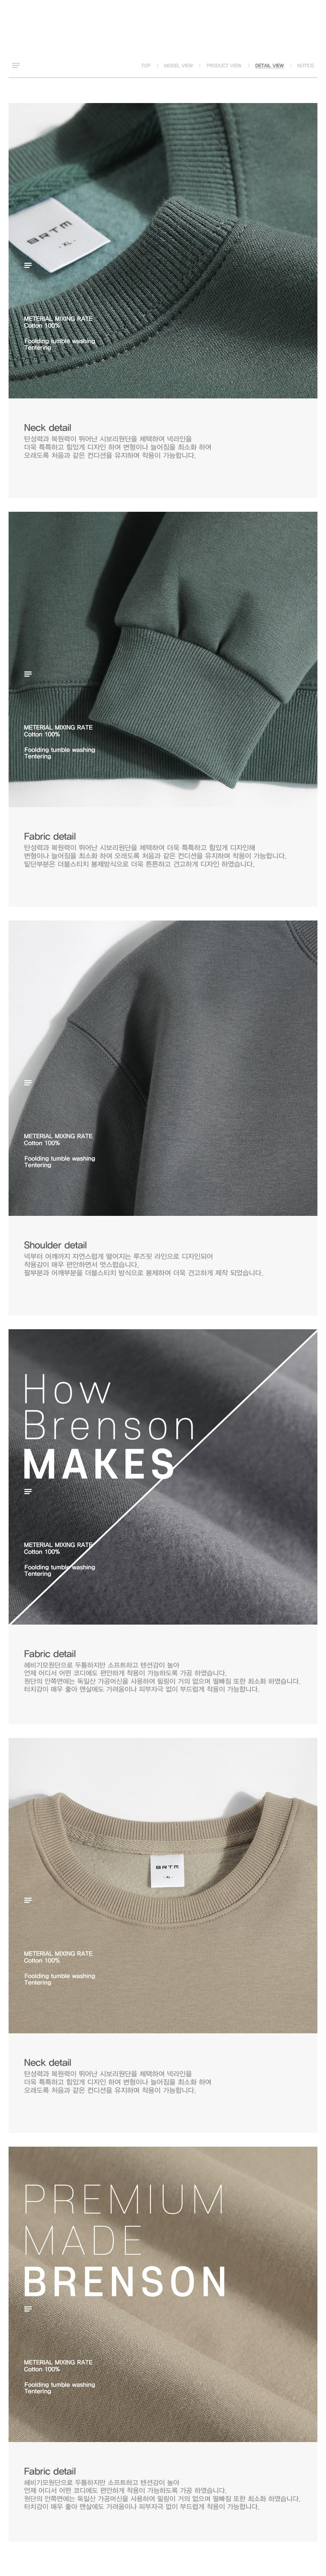 브렌슨(BRENSON) [패키지] Errday 루즈핏 헤비기모 맨투맨